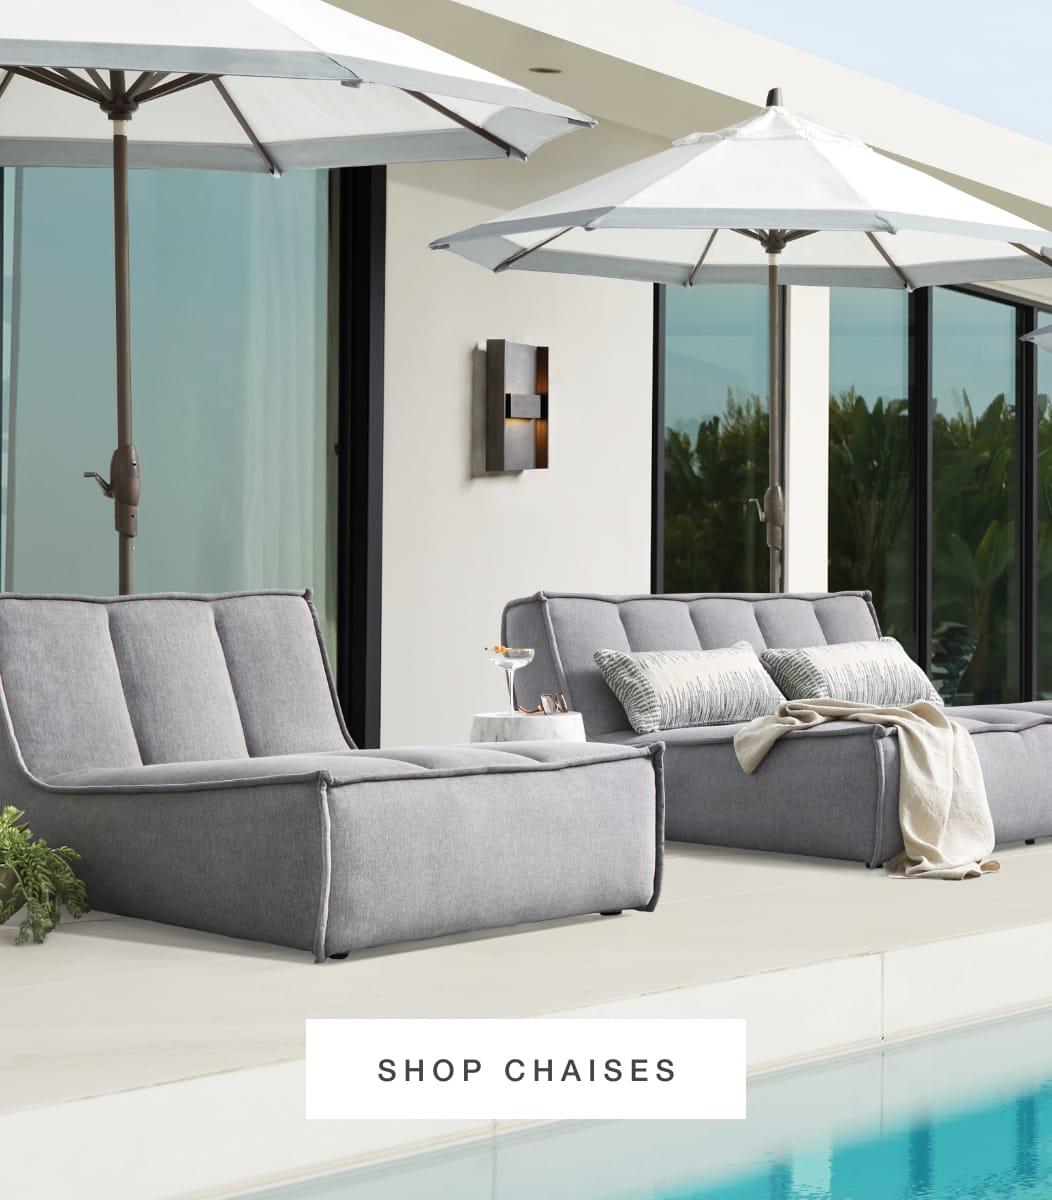 Shop Chaises